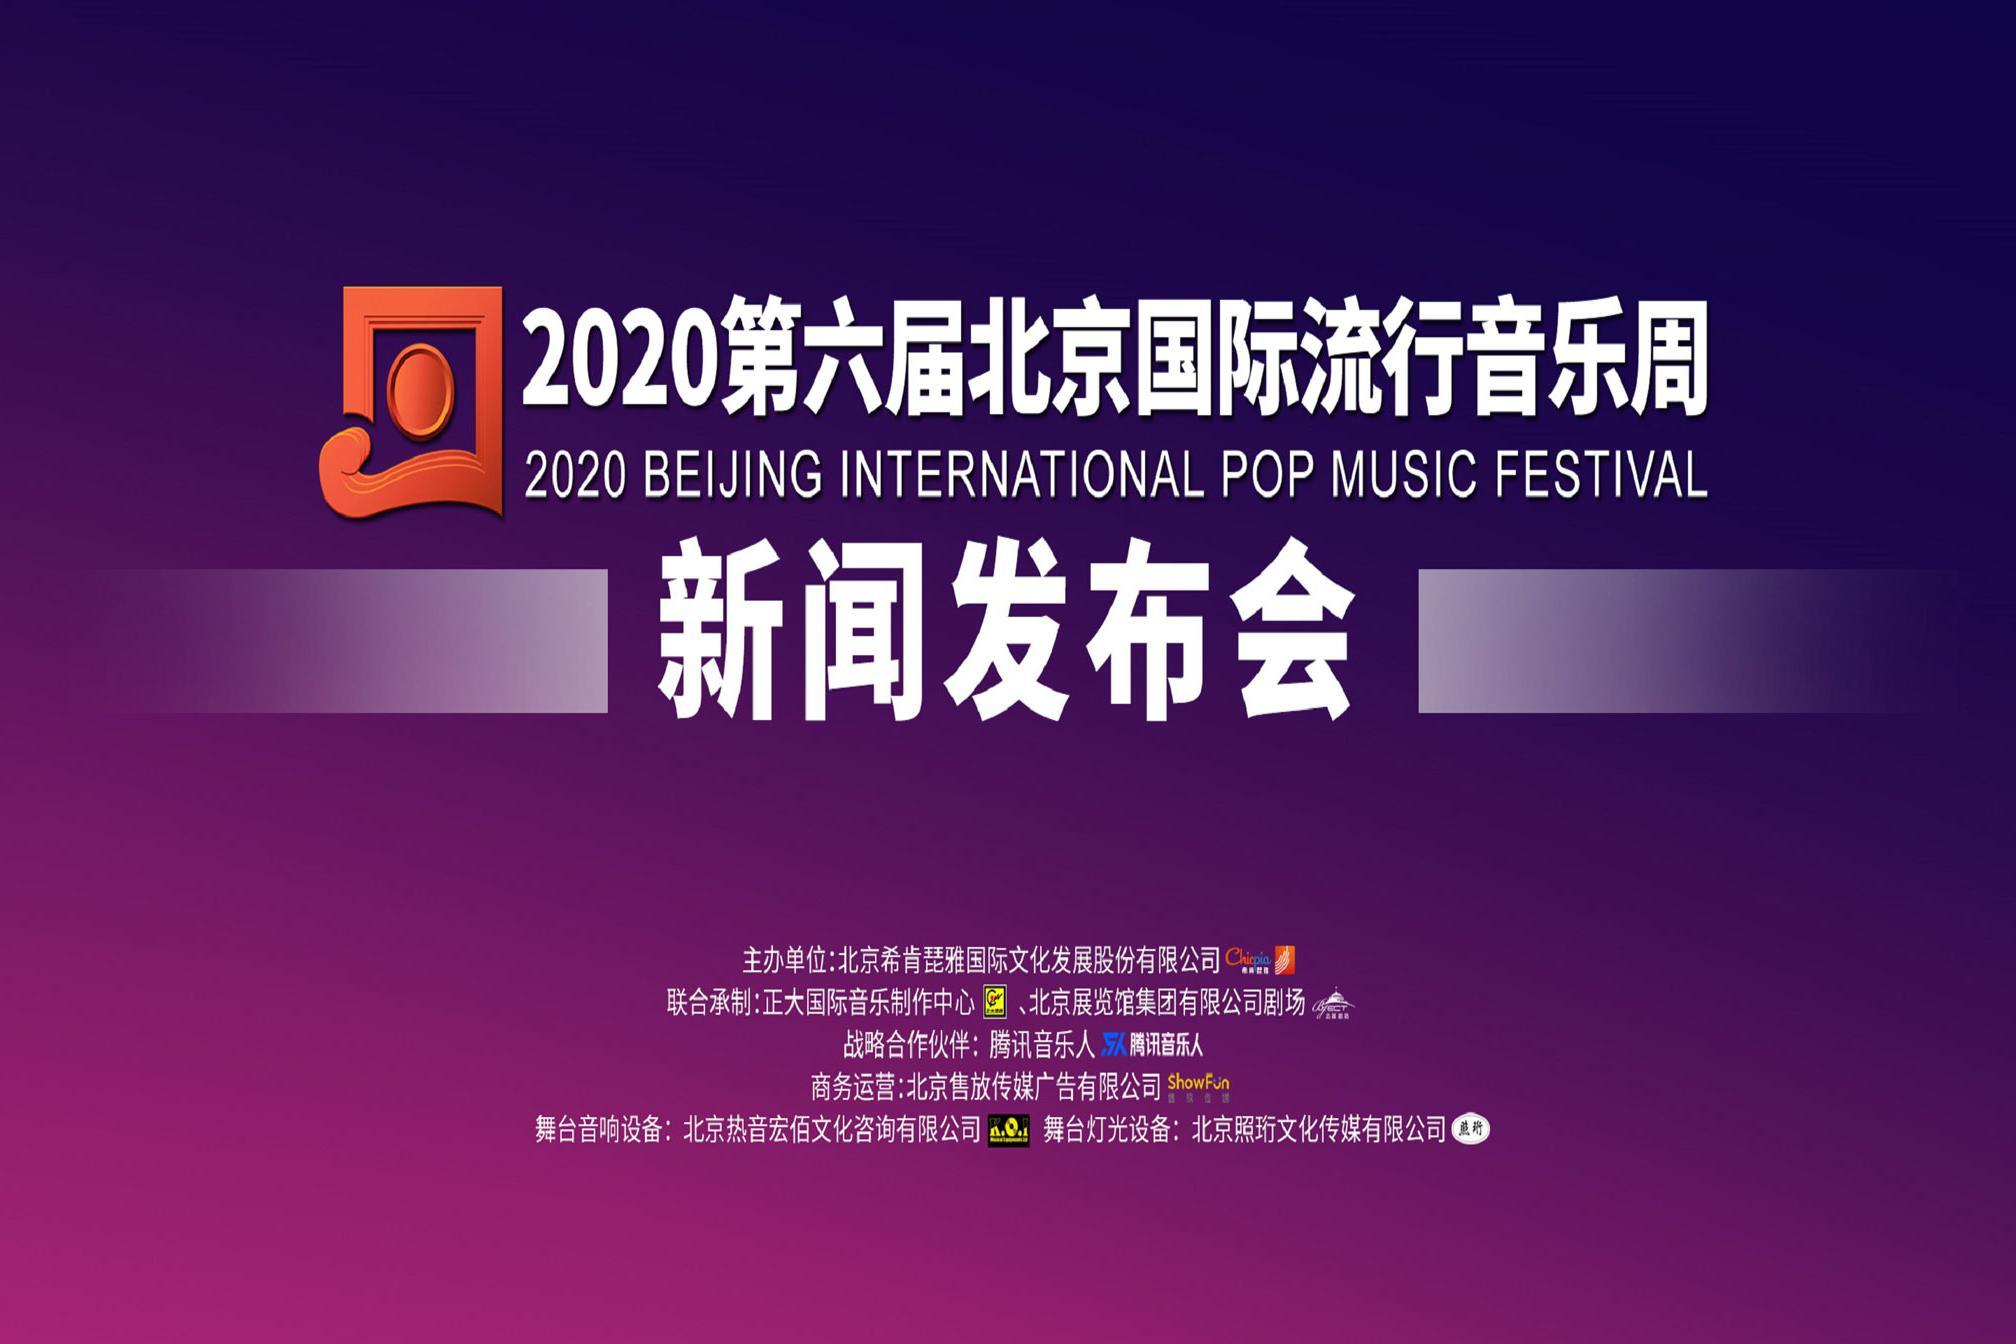 腾讯音乐人携手2020第六届北京国际流行音乐周 原创盛典即将开幕